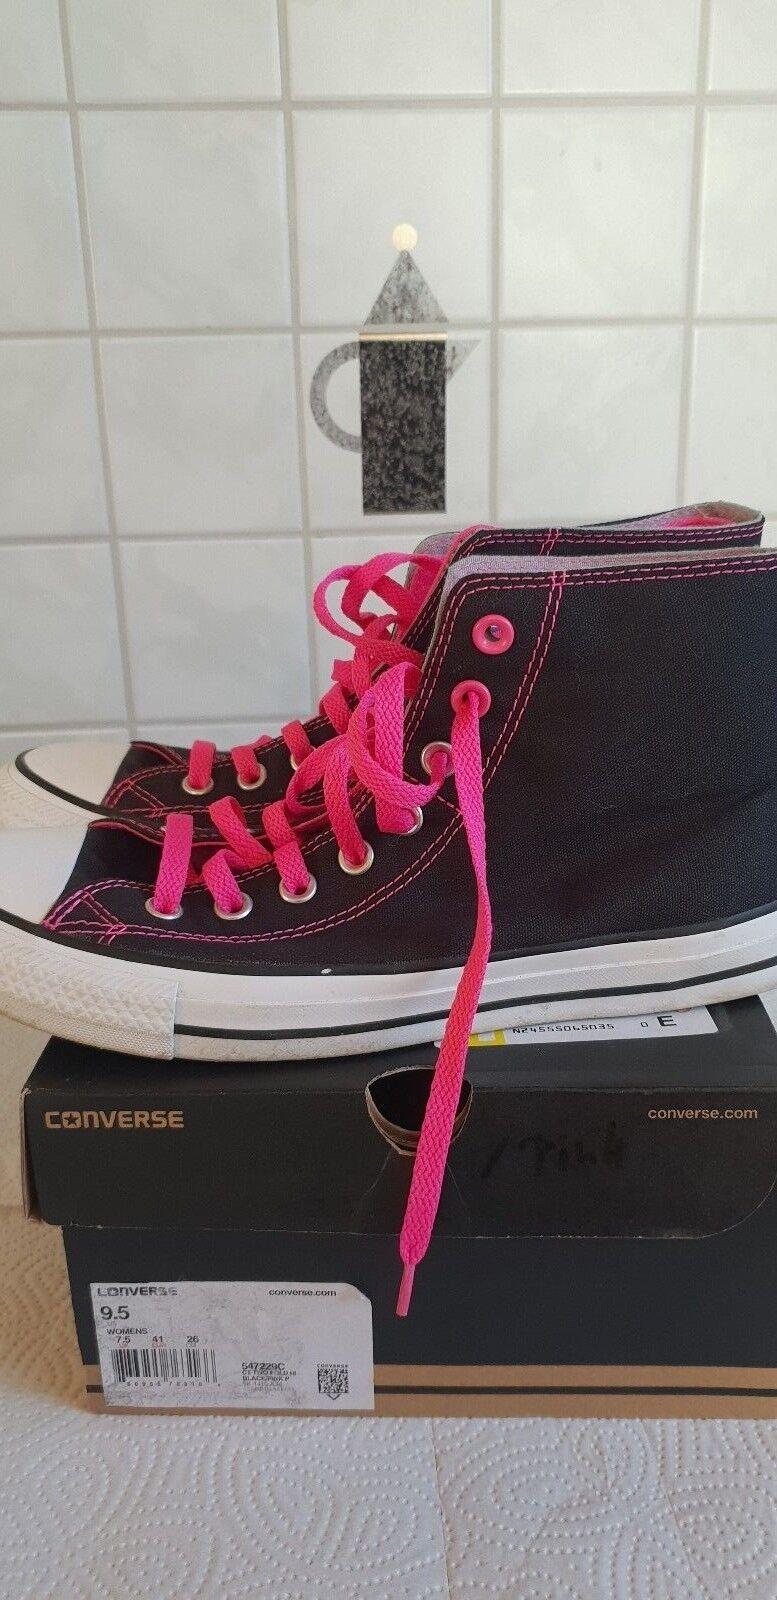 Converse Chucks Two Fold Hi 547229C Schwarz Pink Grau EUR 41